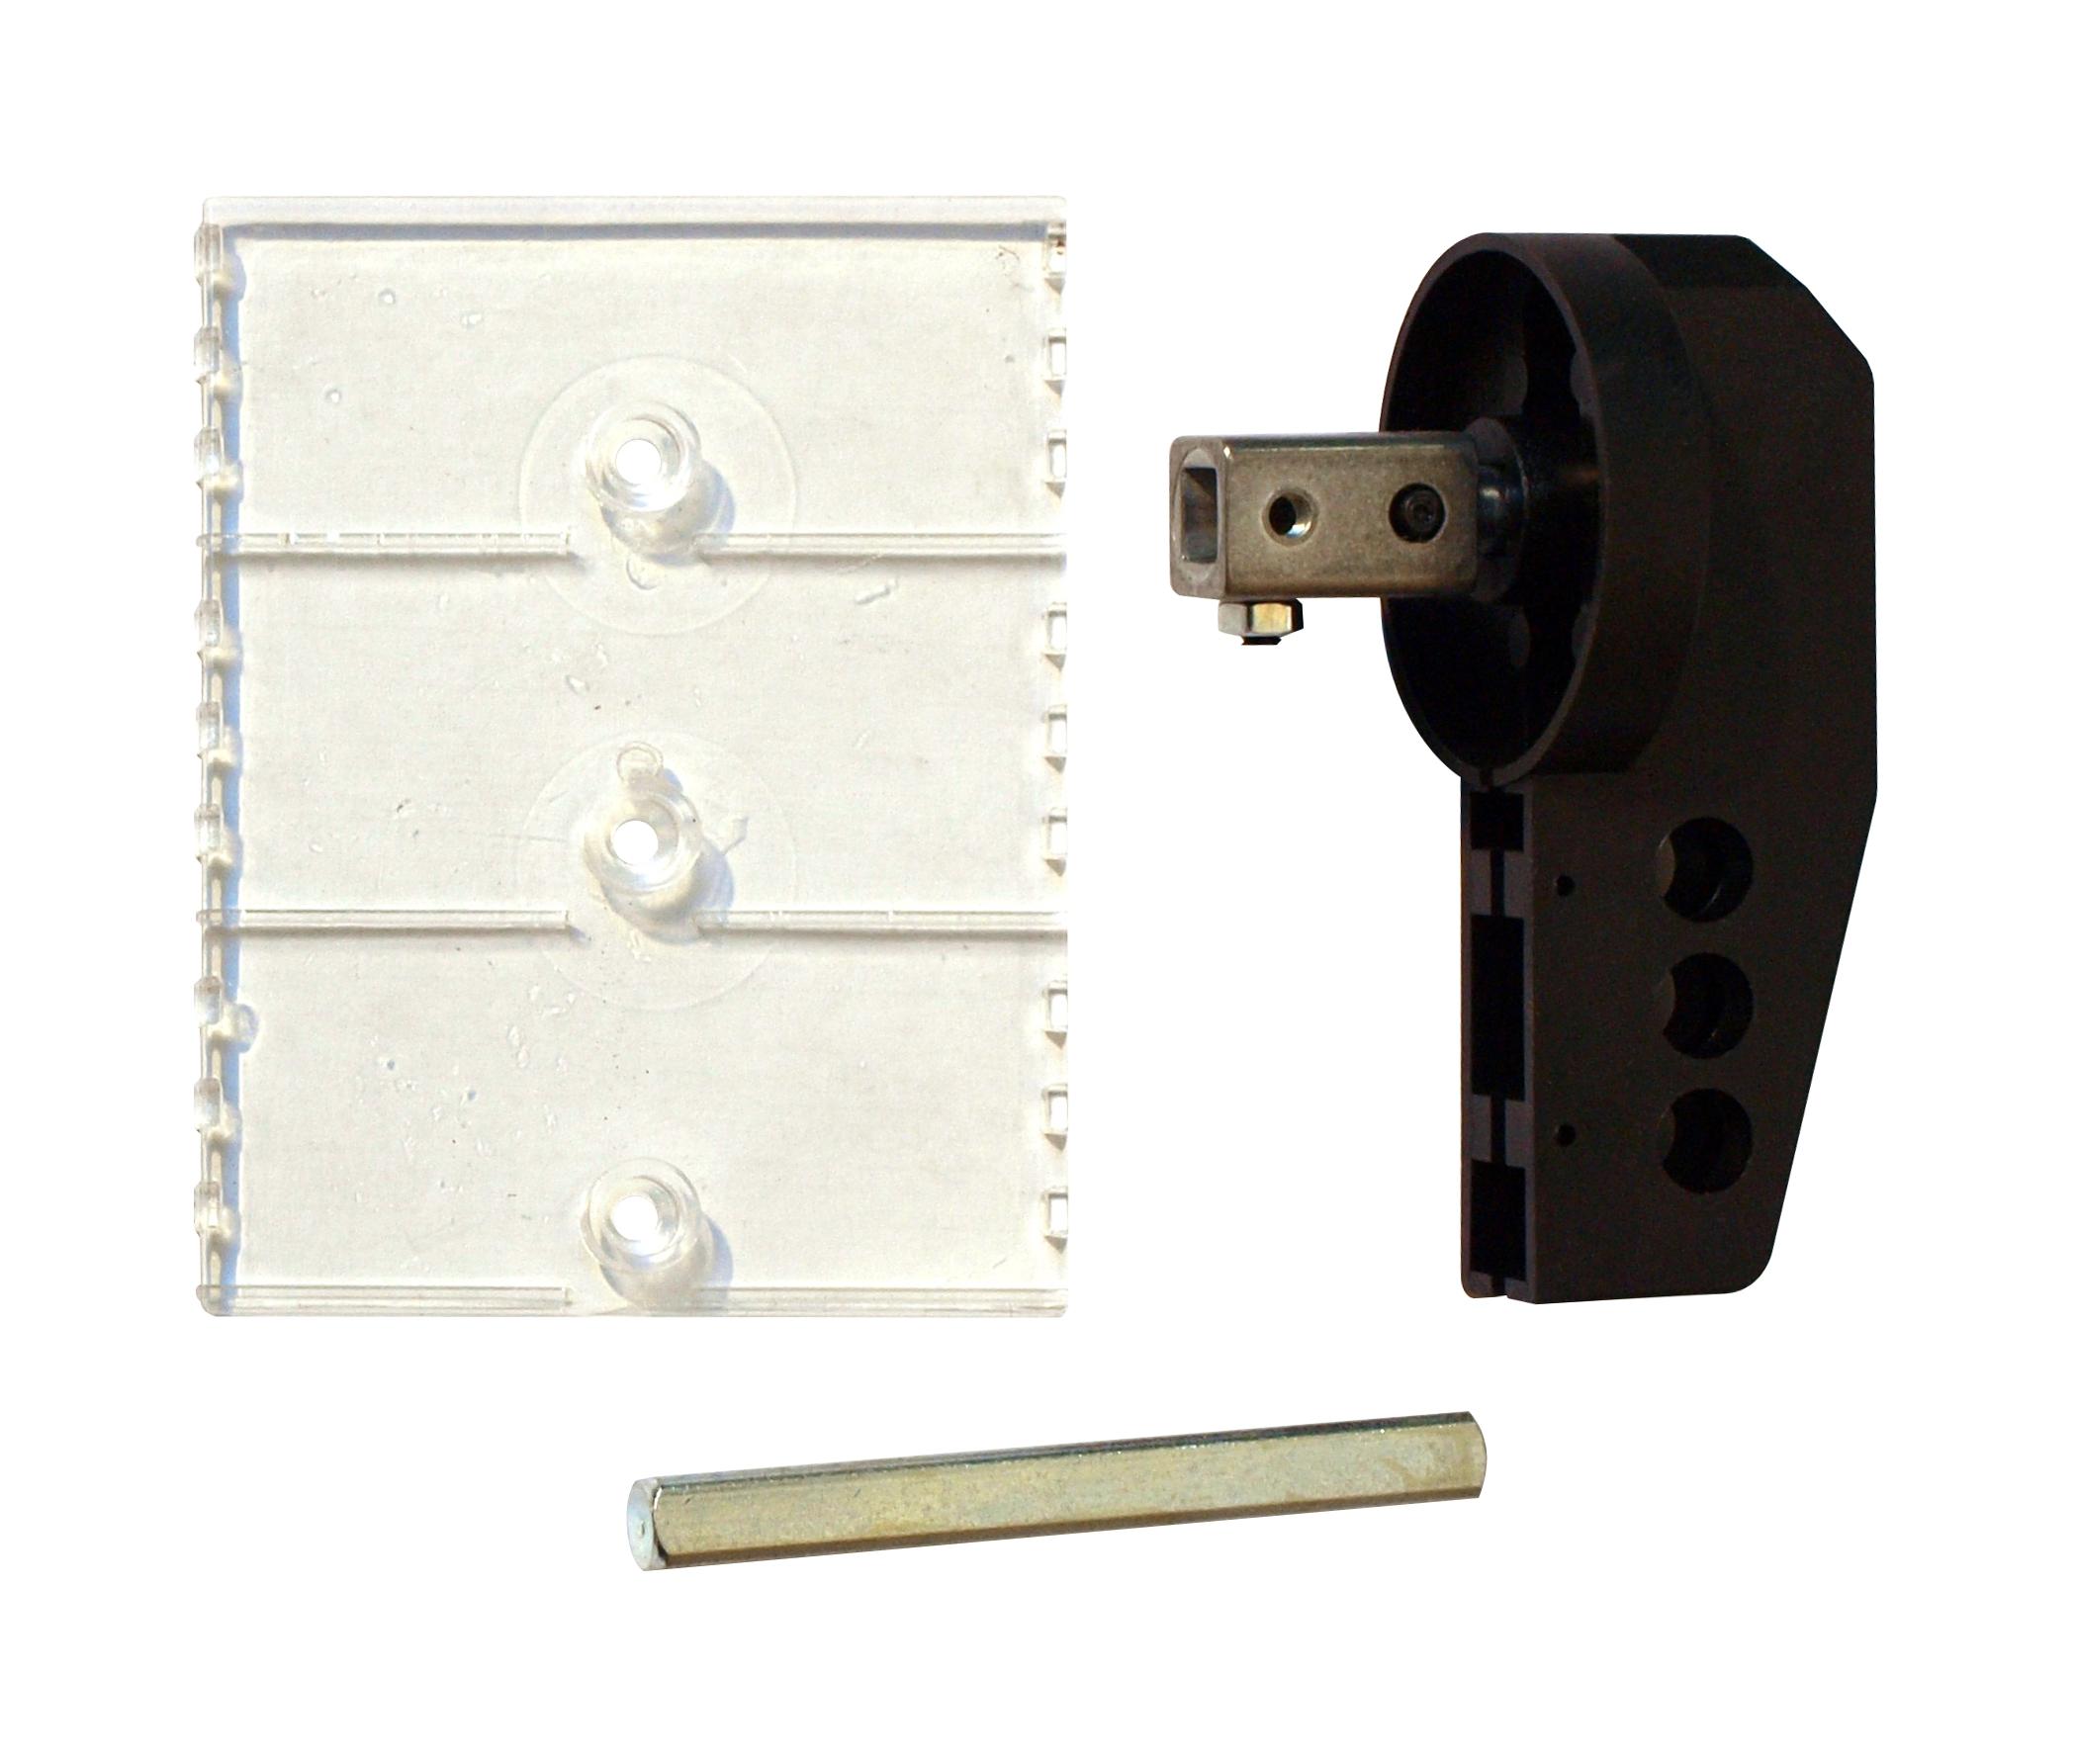 1 Stk Drehgriff direkt für Lasttrenner ML11 ML180200--